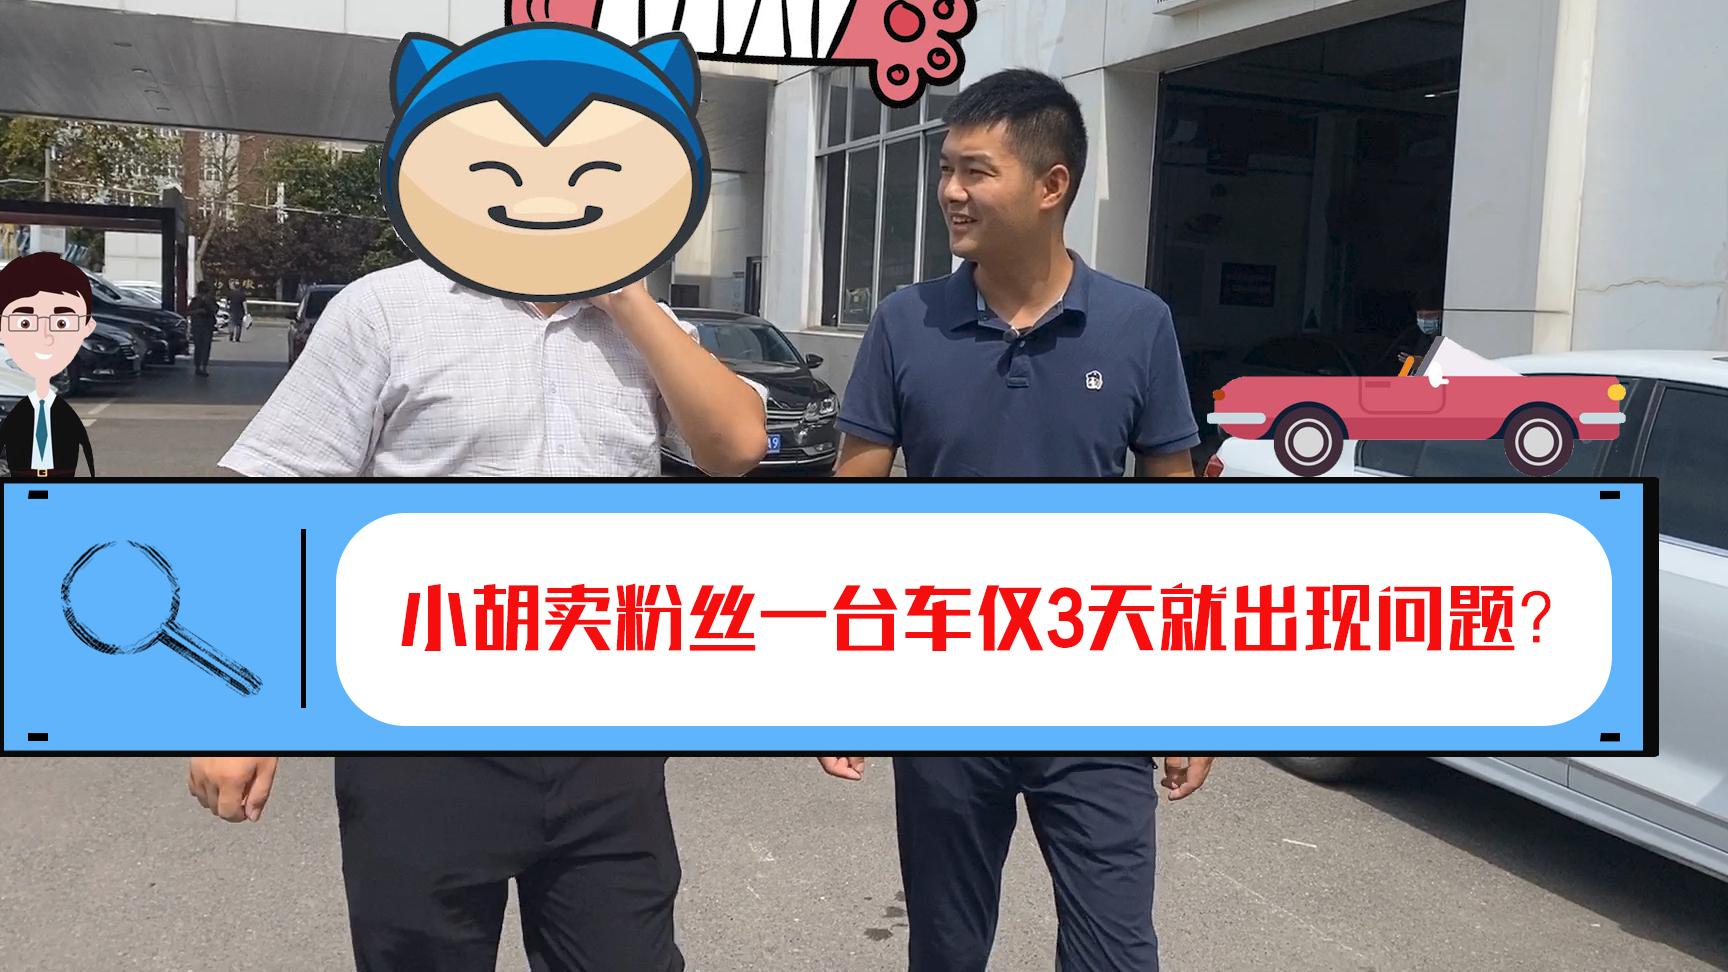 武汉网红卖给粉丝一台二手车,才用了3天,车子有问题,什么情况